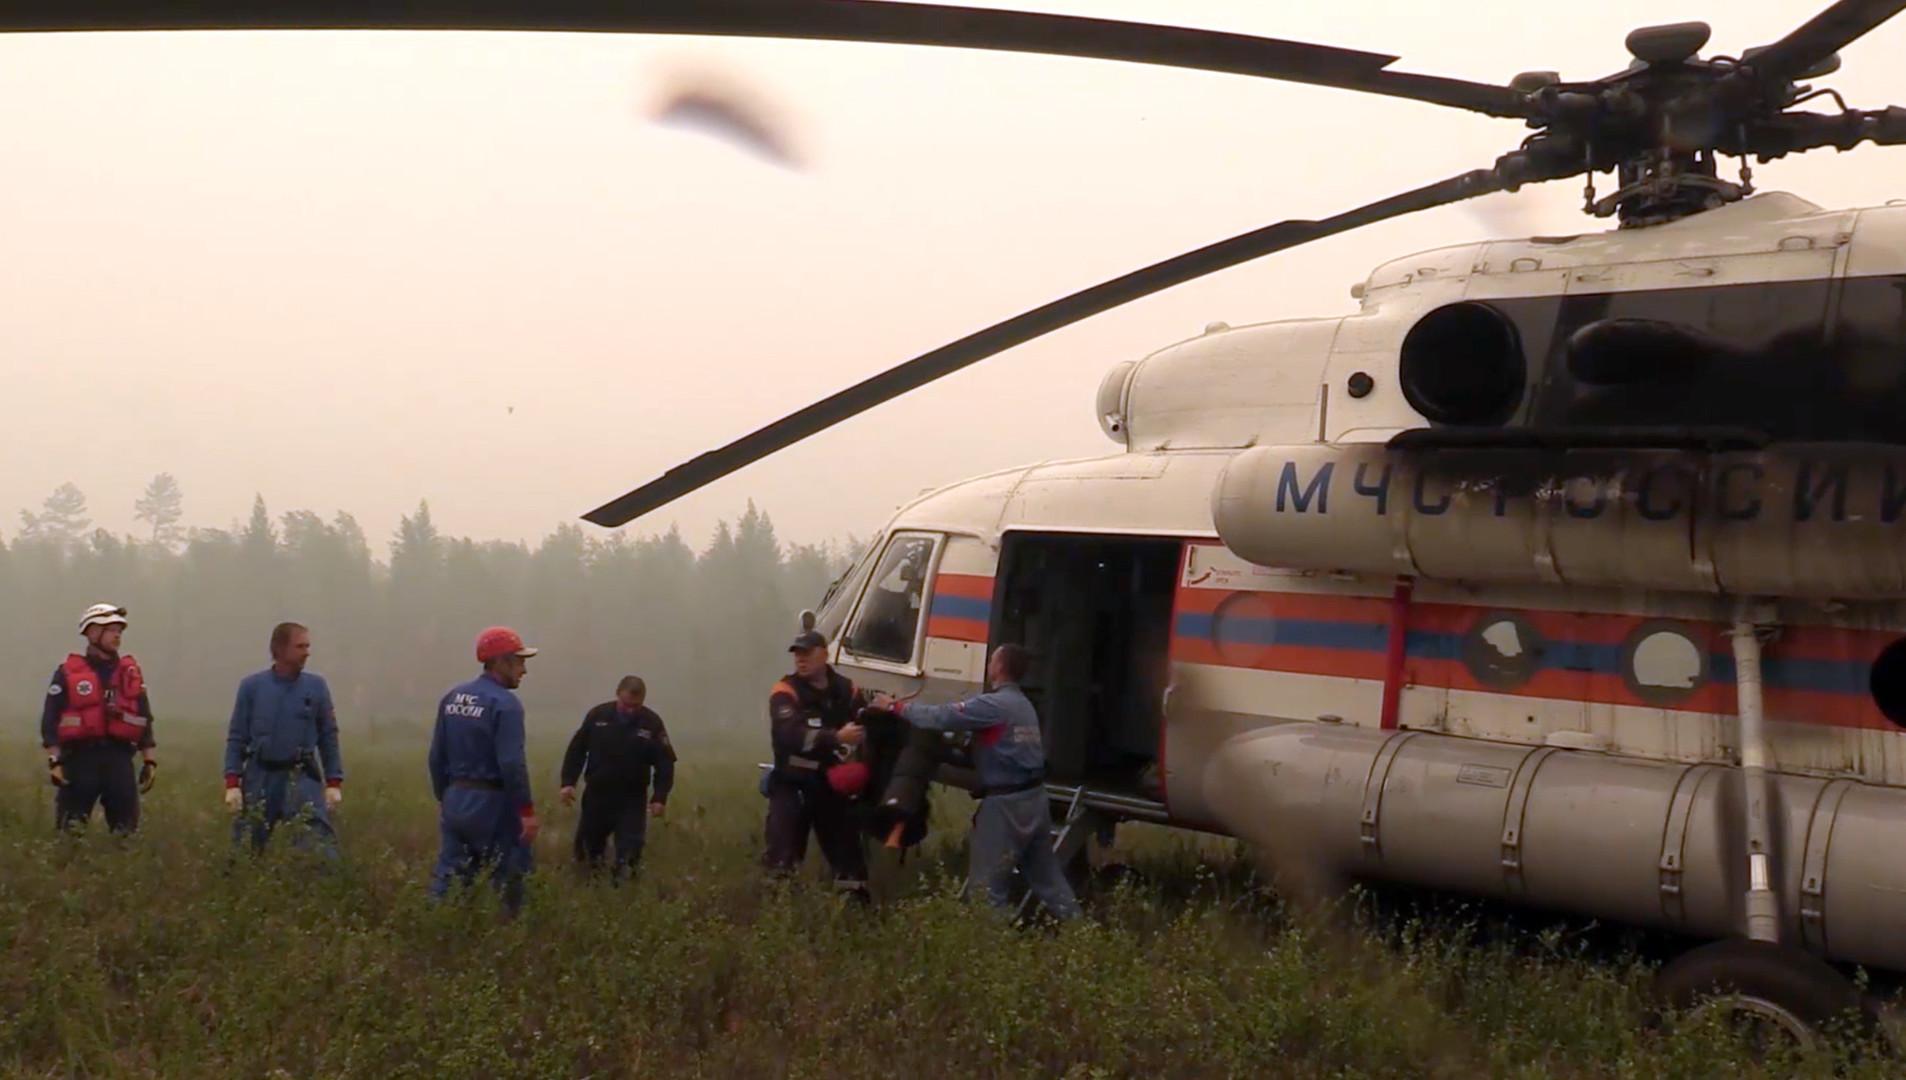 МАК: Все десять членов экипажа разбившегося Ил-76 погибли